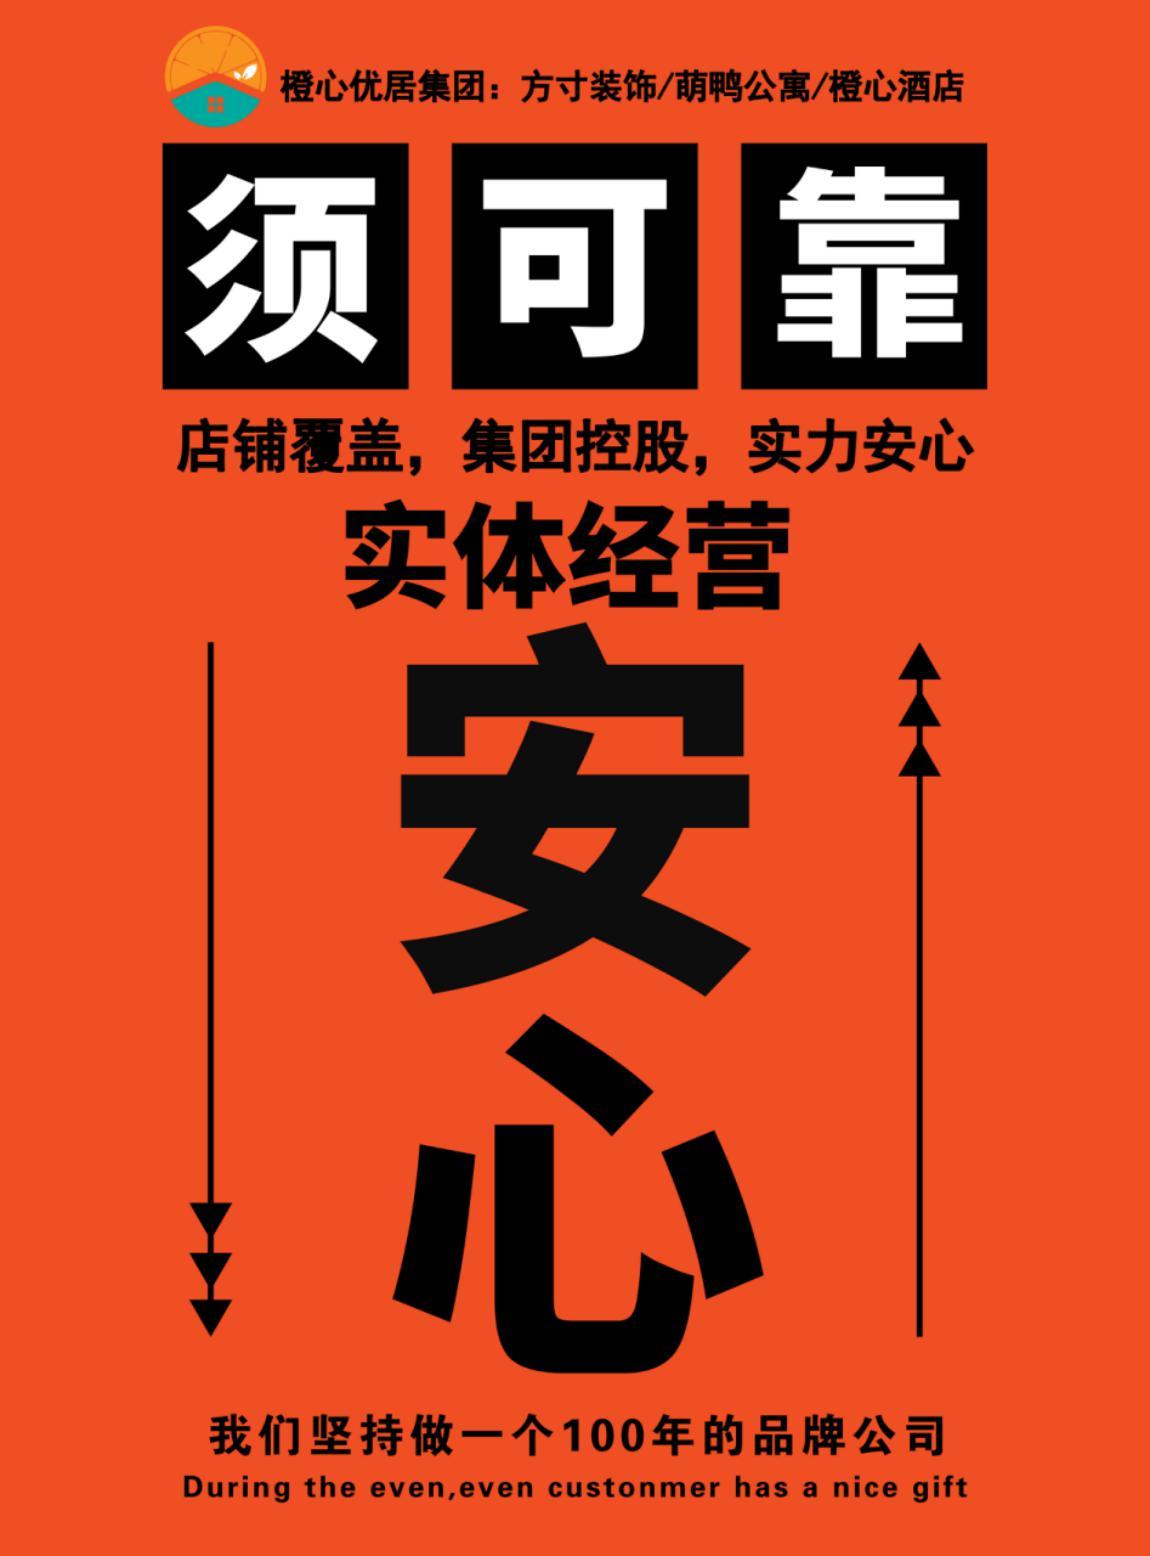 """橙心优居进军""""星城-长沙"""",为长沙业主提供有品质的装租一体化服务"""